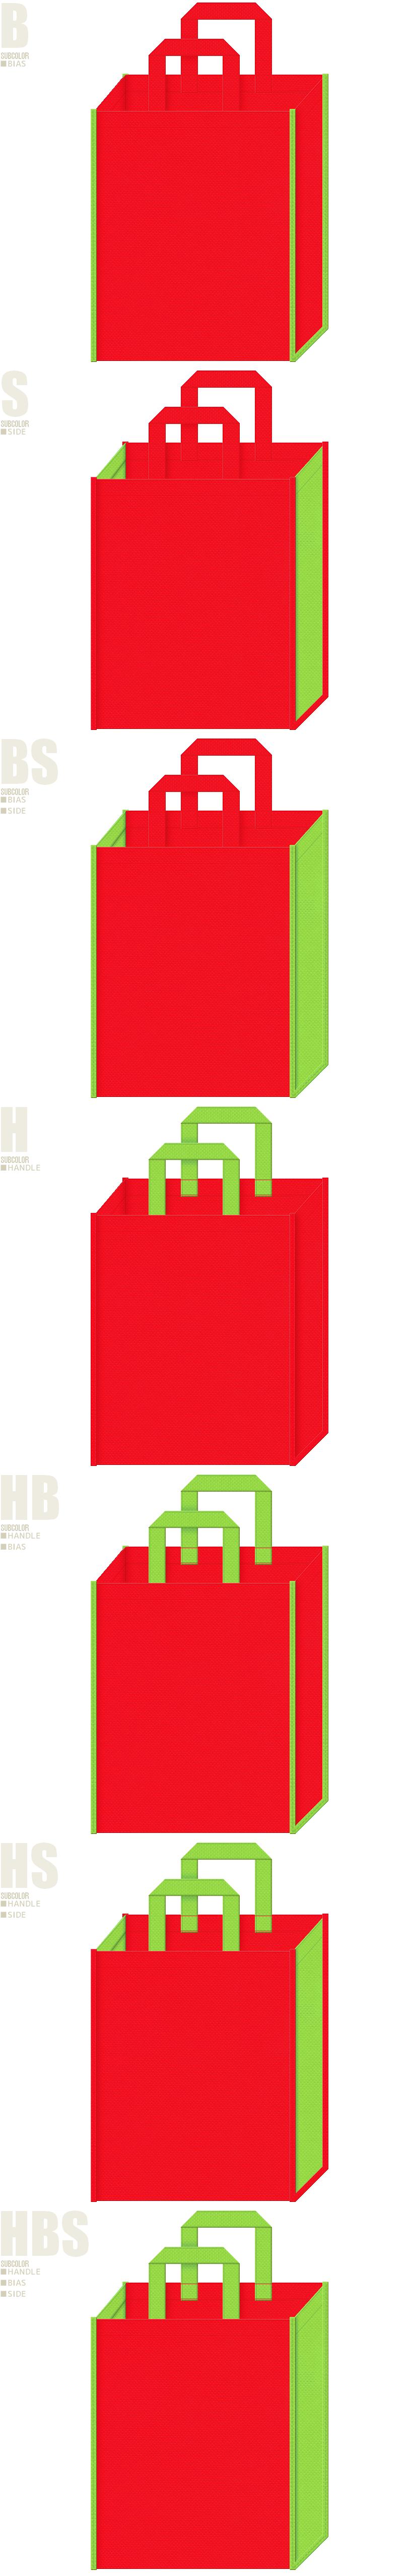 赤色と黄緑色、7パターンの不織布トートバッグ配色デザイン例。アフリカの国旗イメージにお奨めです。